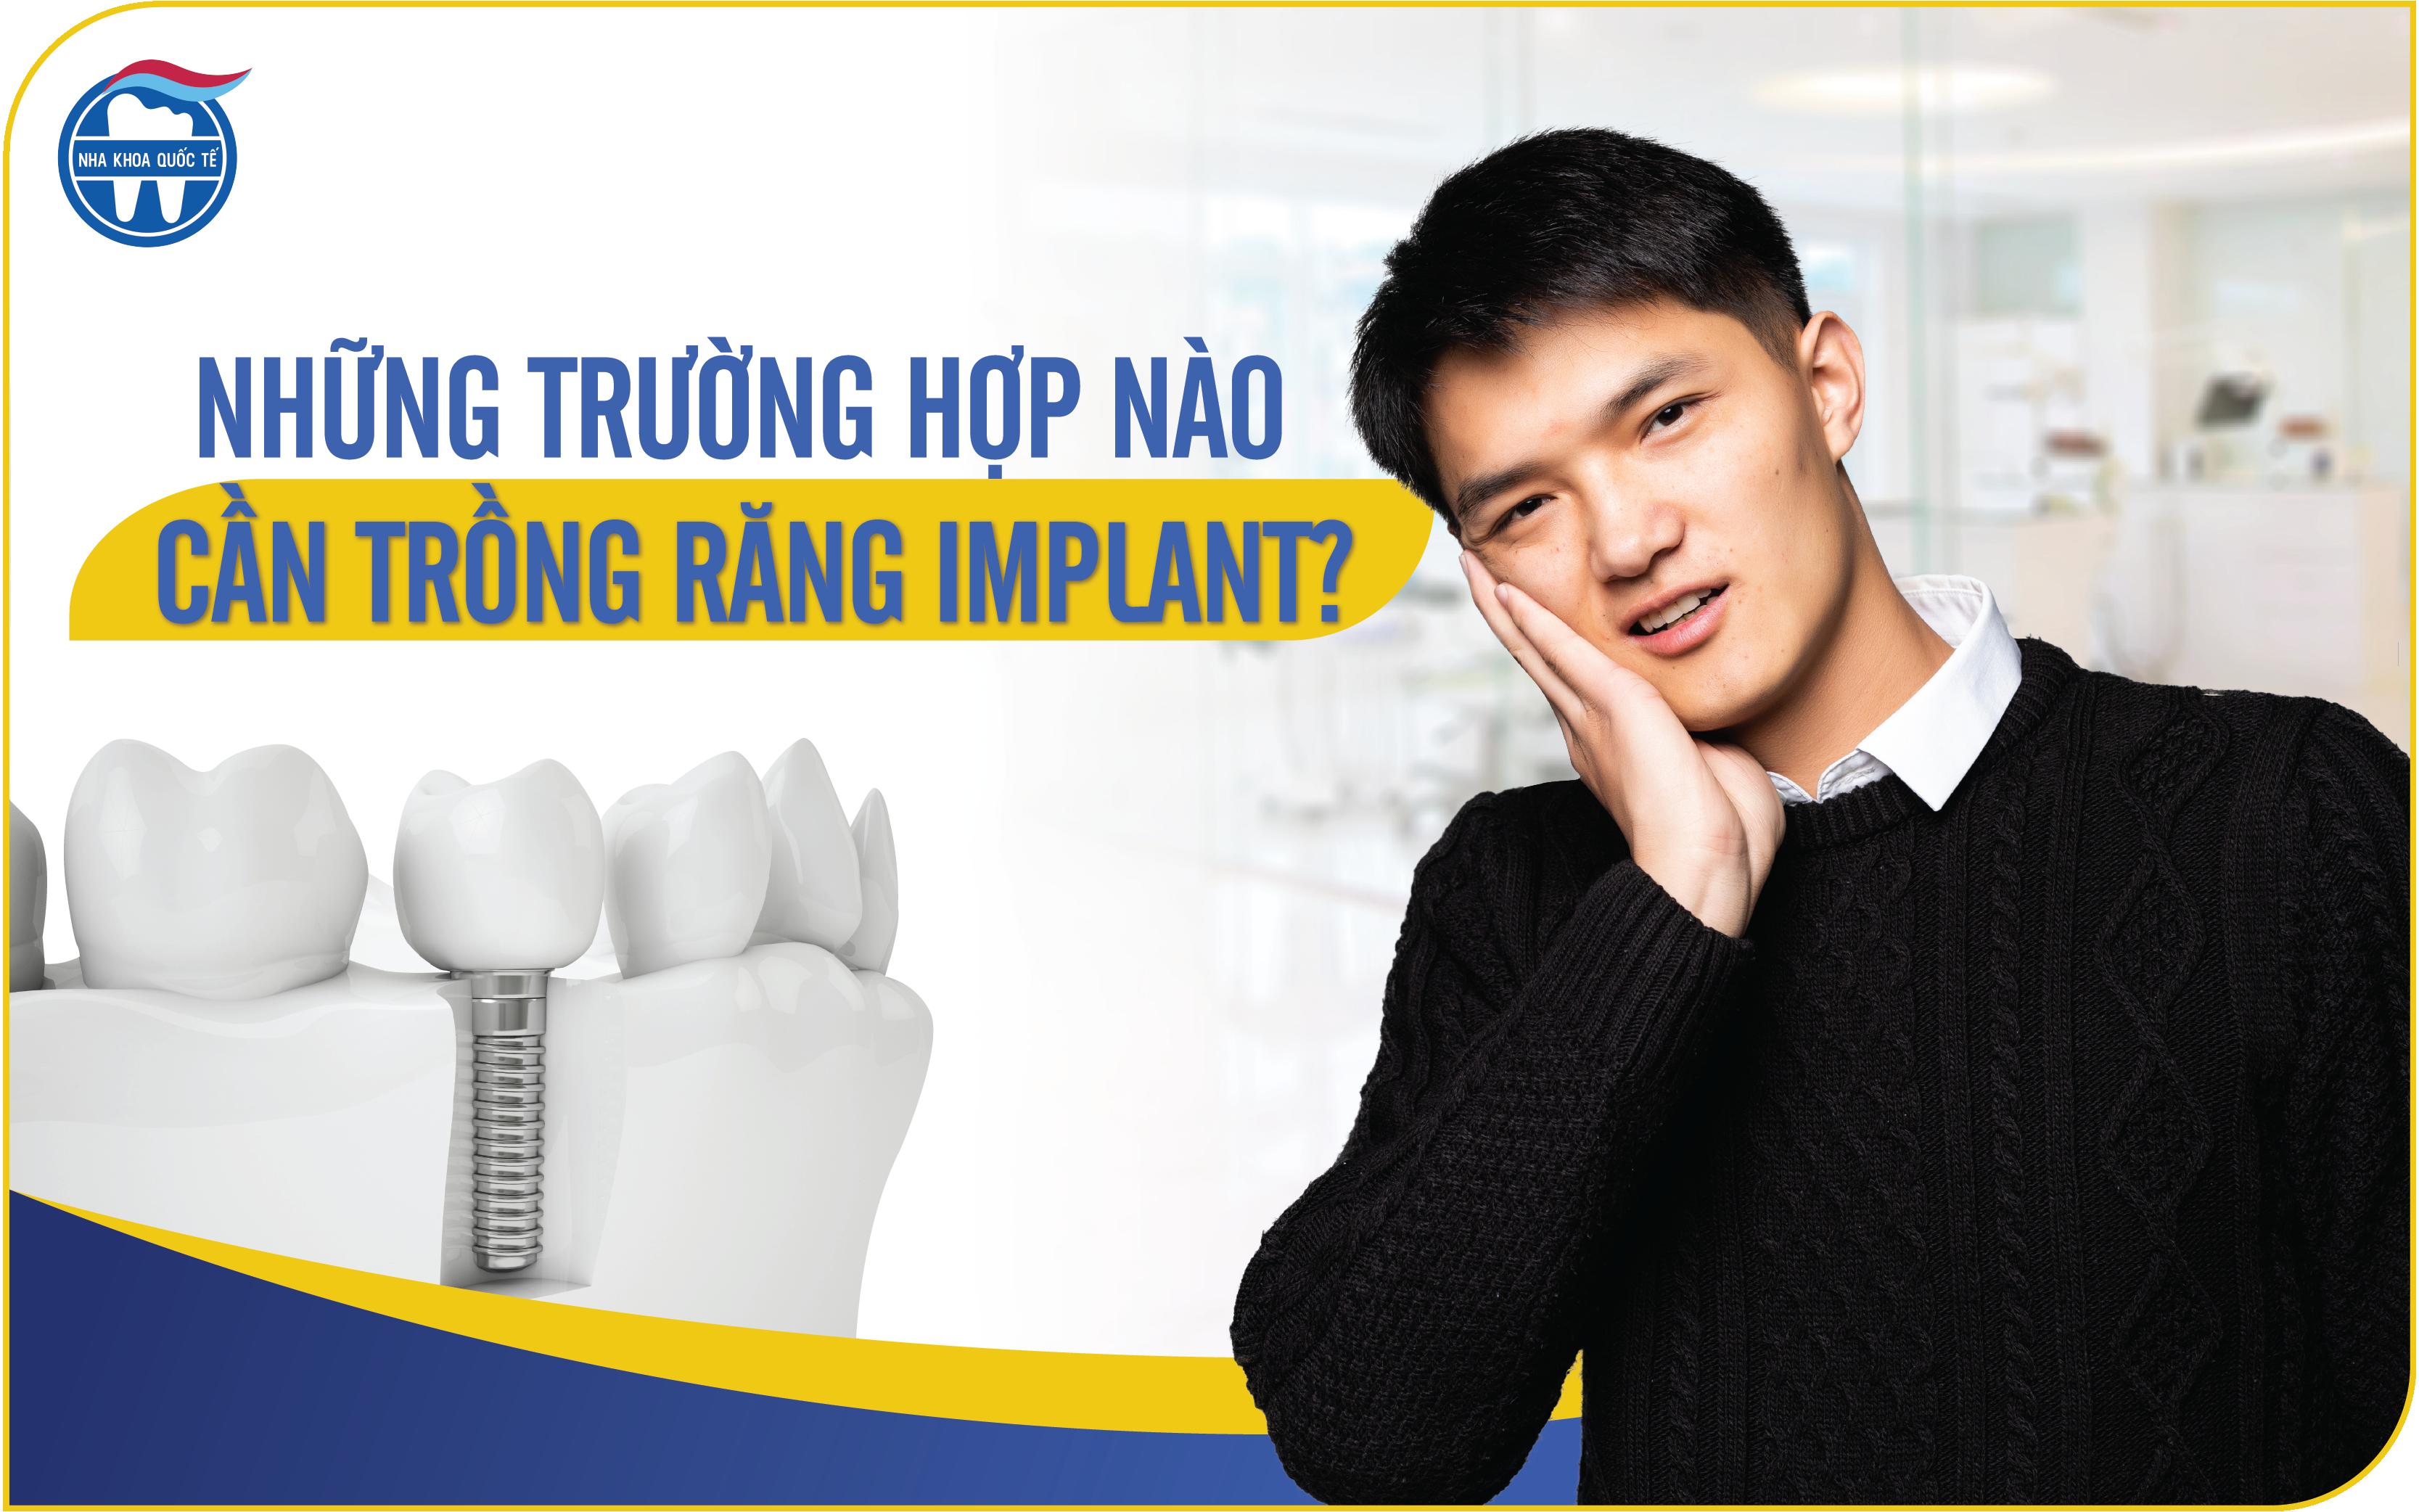 Những trường hợp nào cần trồng răng Implant?